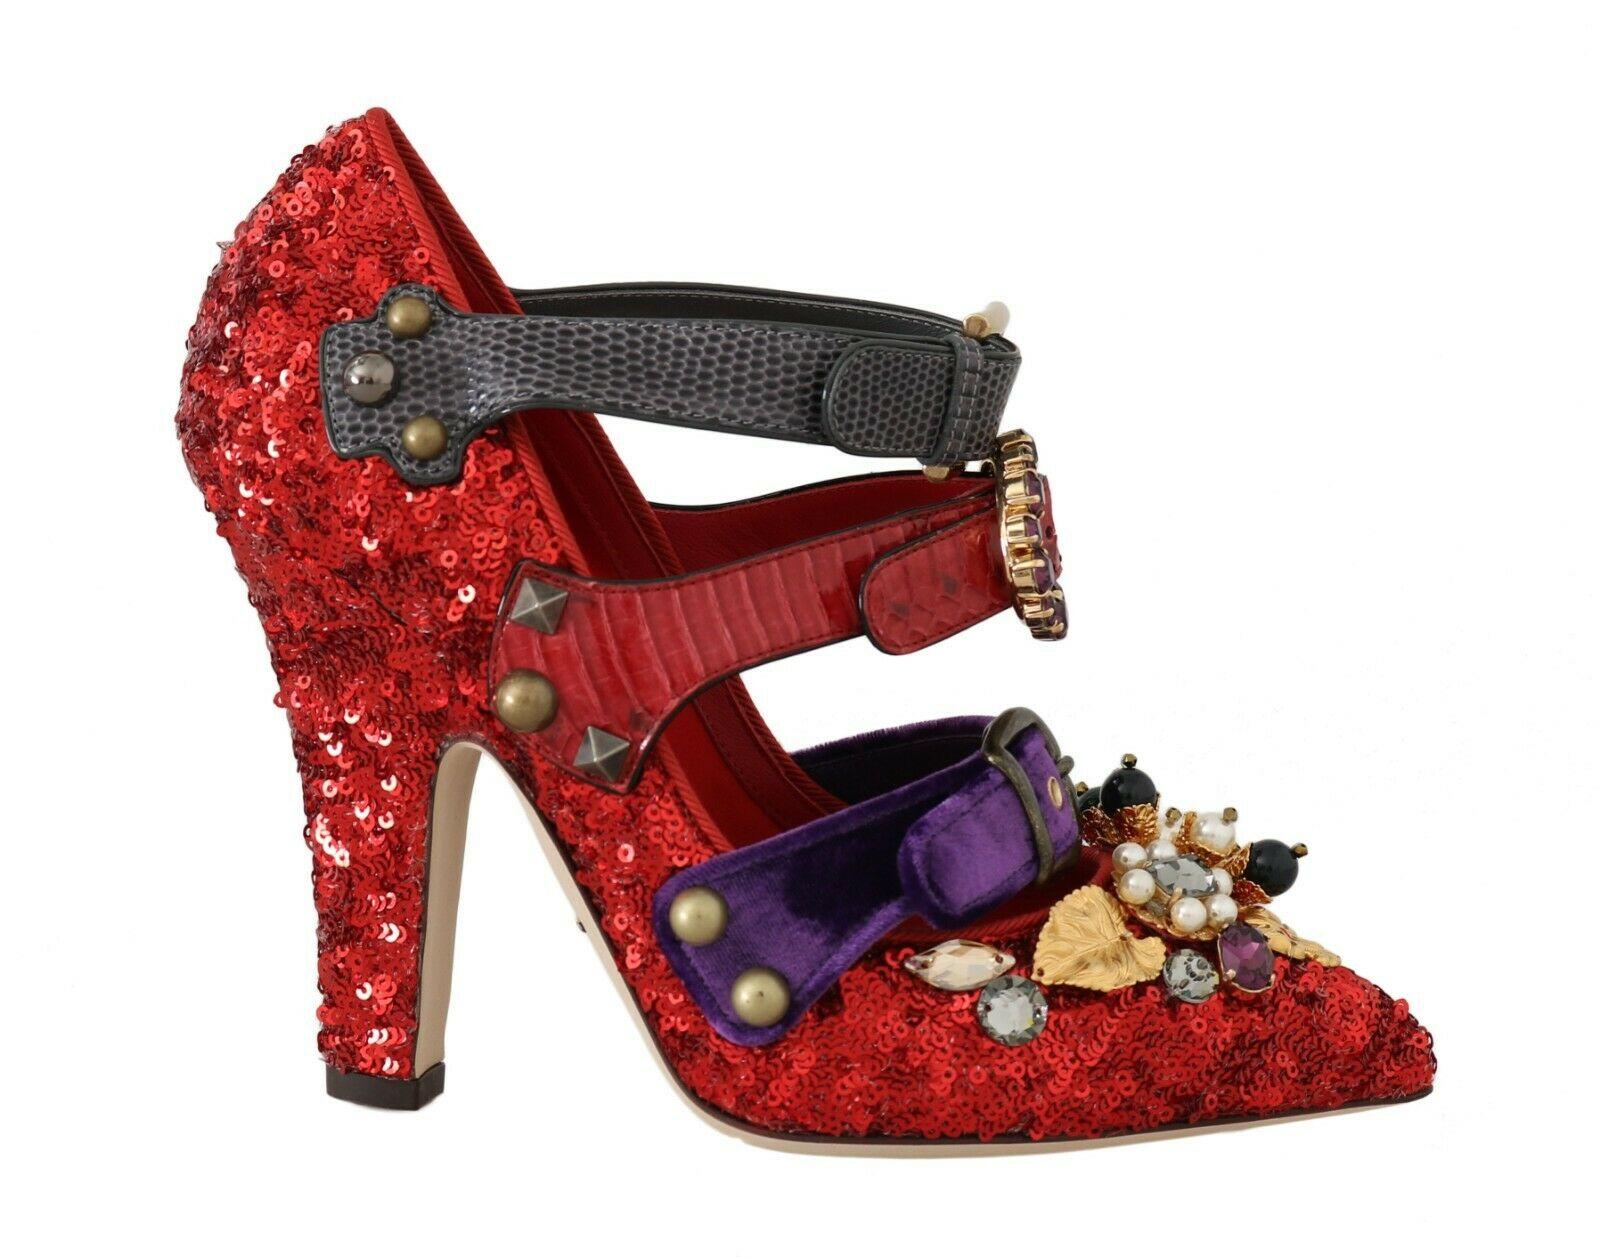 Dolce & Gabbana Women's Sequined Crystal Studs Heels Red LA5607 - EU39/US8.5